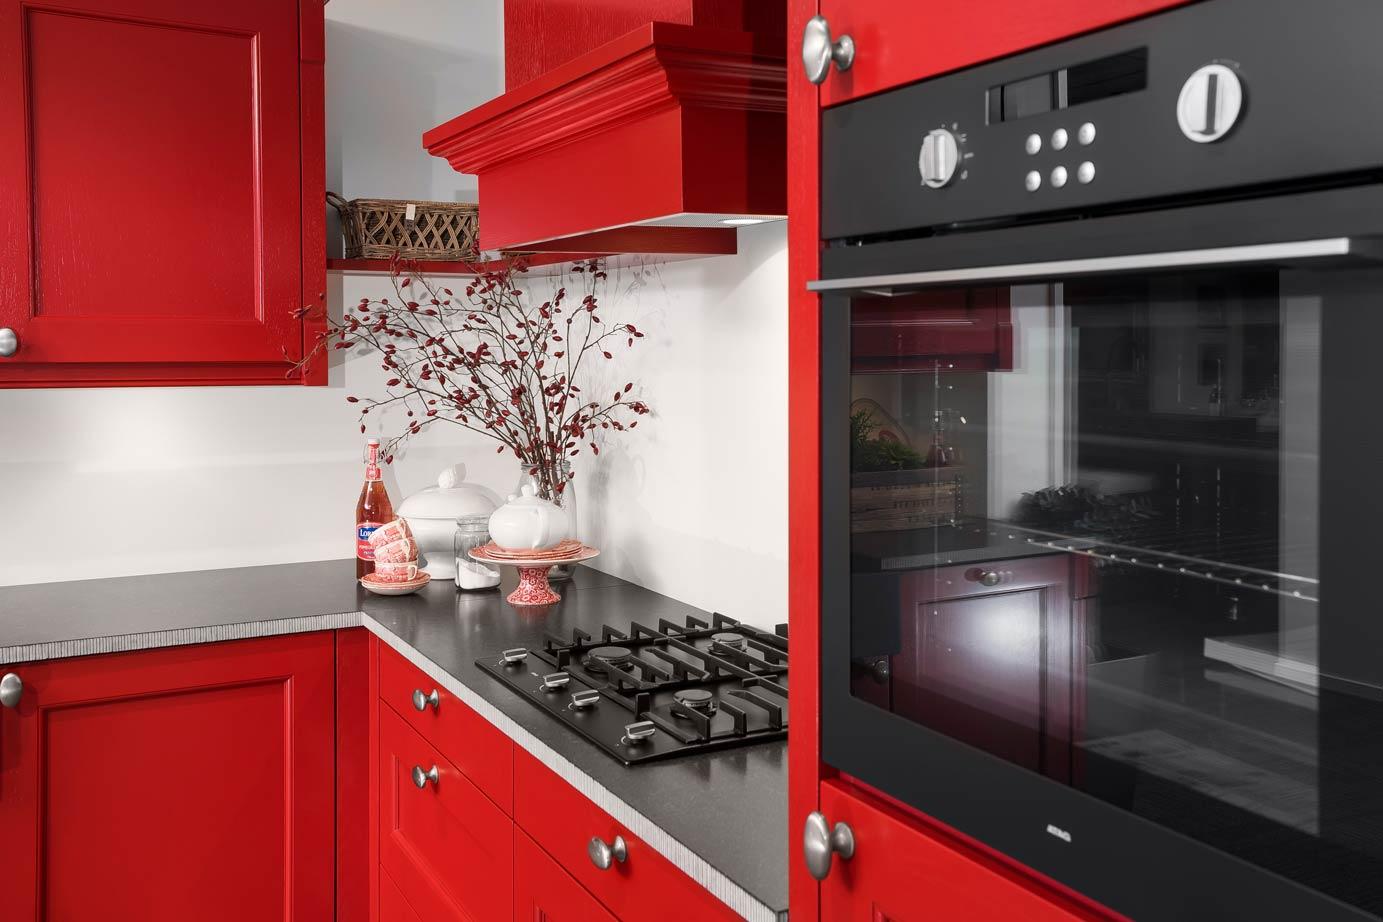 Rode Keukens Met 50 Bekijk Voorbeelden Prijs Kopen Db qan78vxq